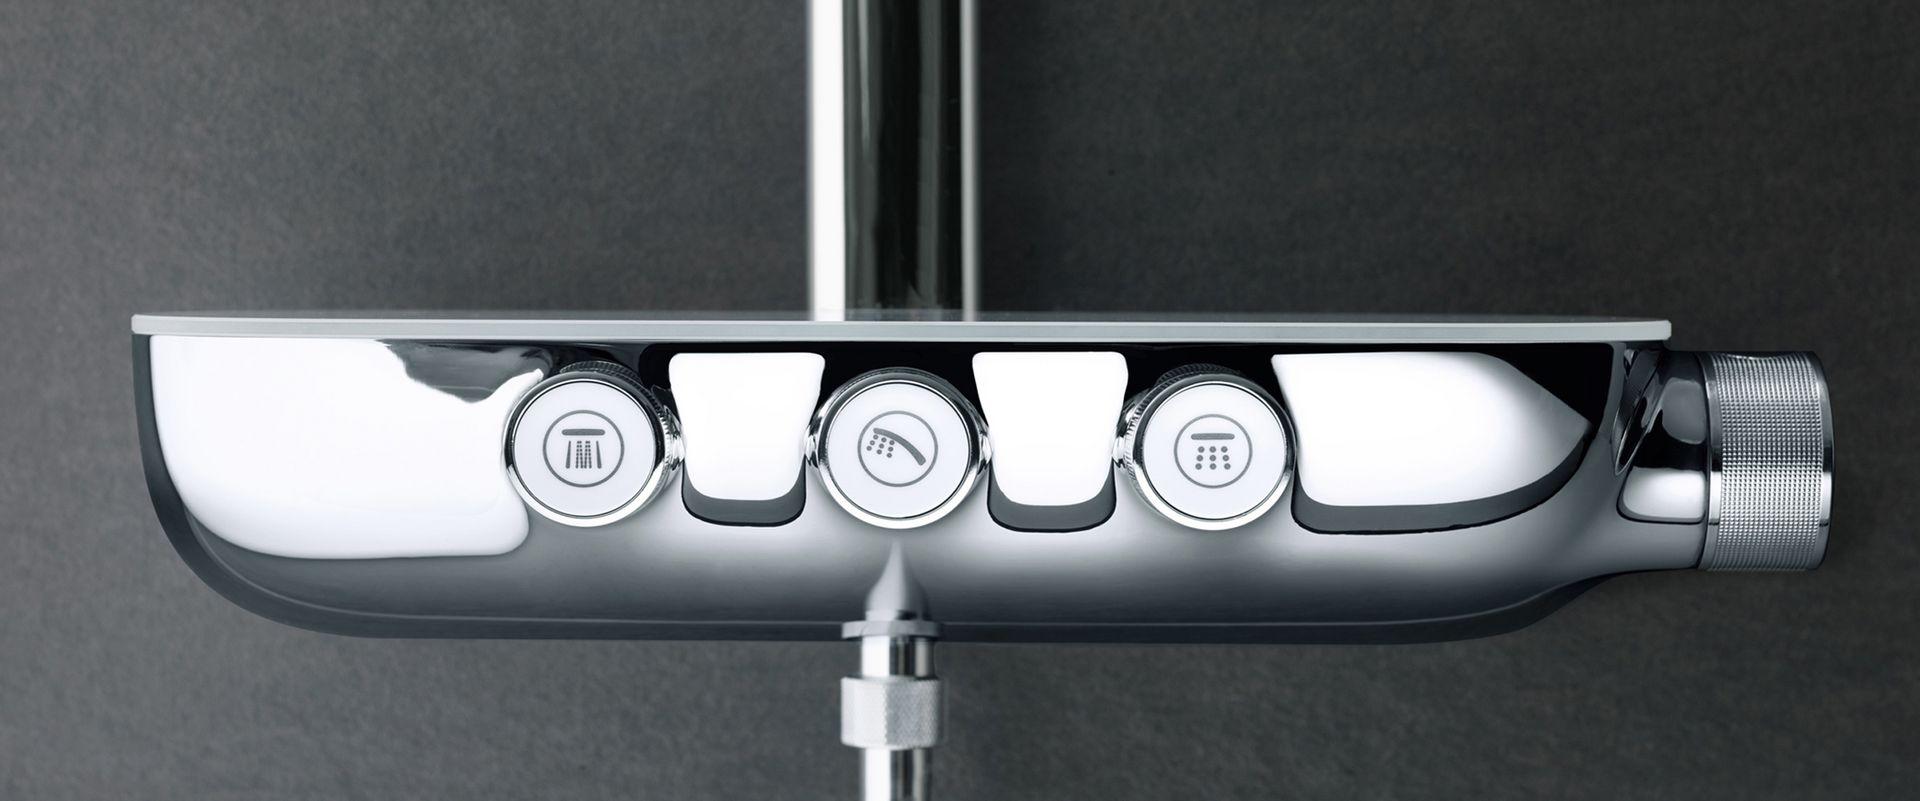 Full Size of Grohe Duschmischer Dusche Aufputz Mischbatterie Thermostat Duschstange Ersatzteile Tropft Einhebelmischer Armatur Einstellen Montieren Rainshower Wechseln Dusche Grohe Dusche